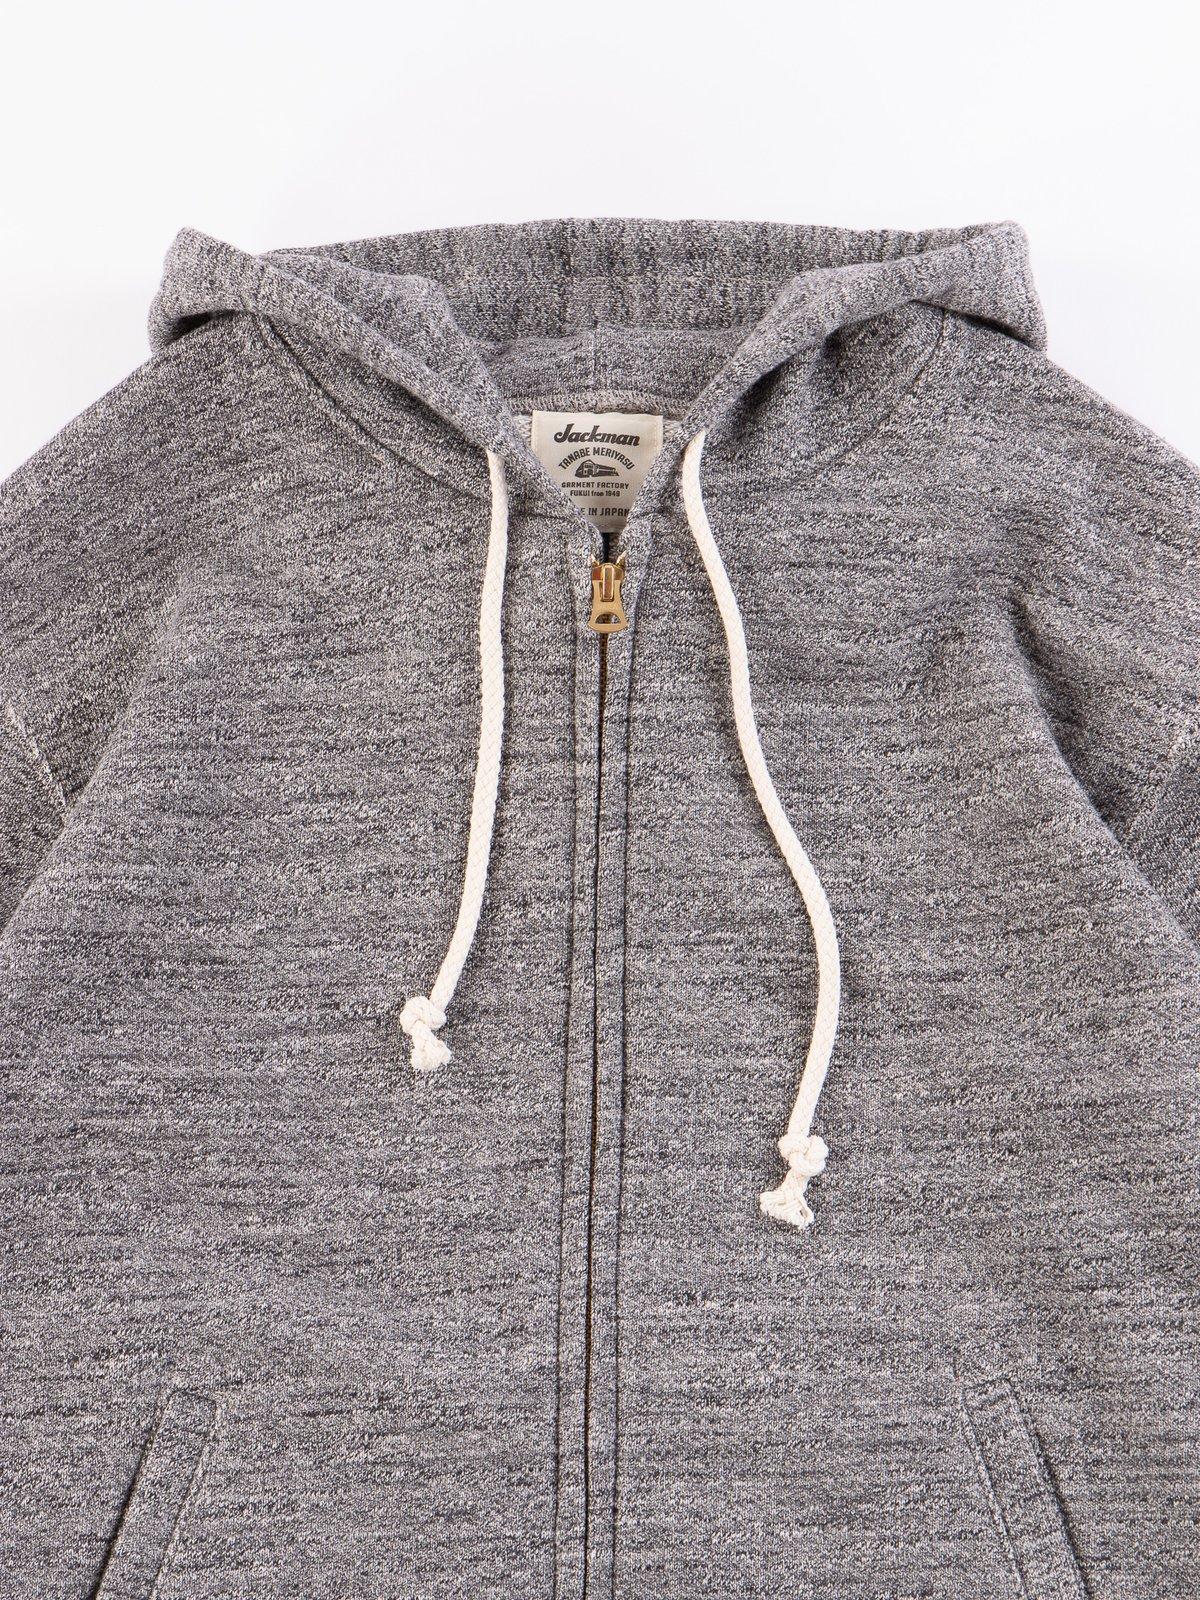 Charcoal GG Full Zip Sweatshirt - Image 3